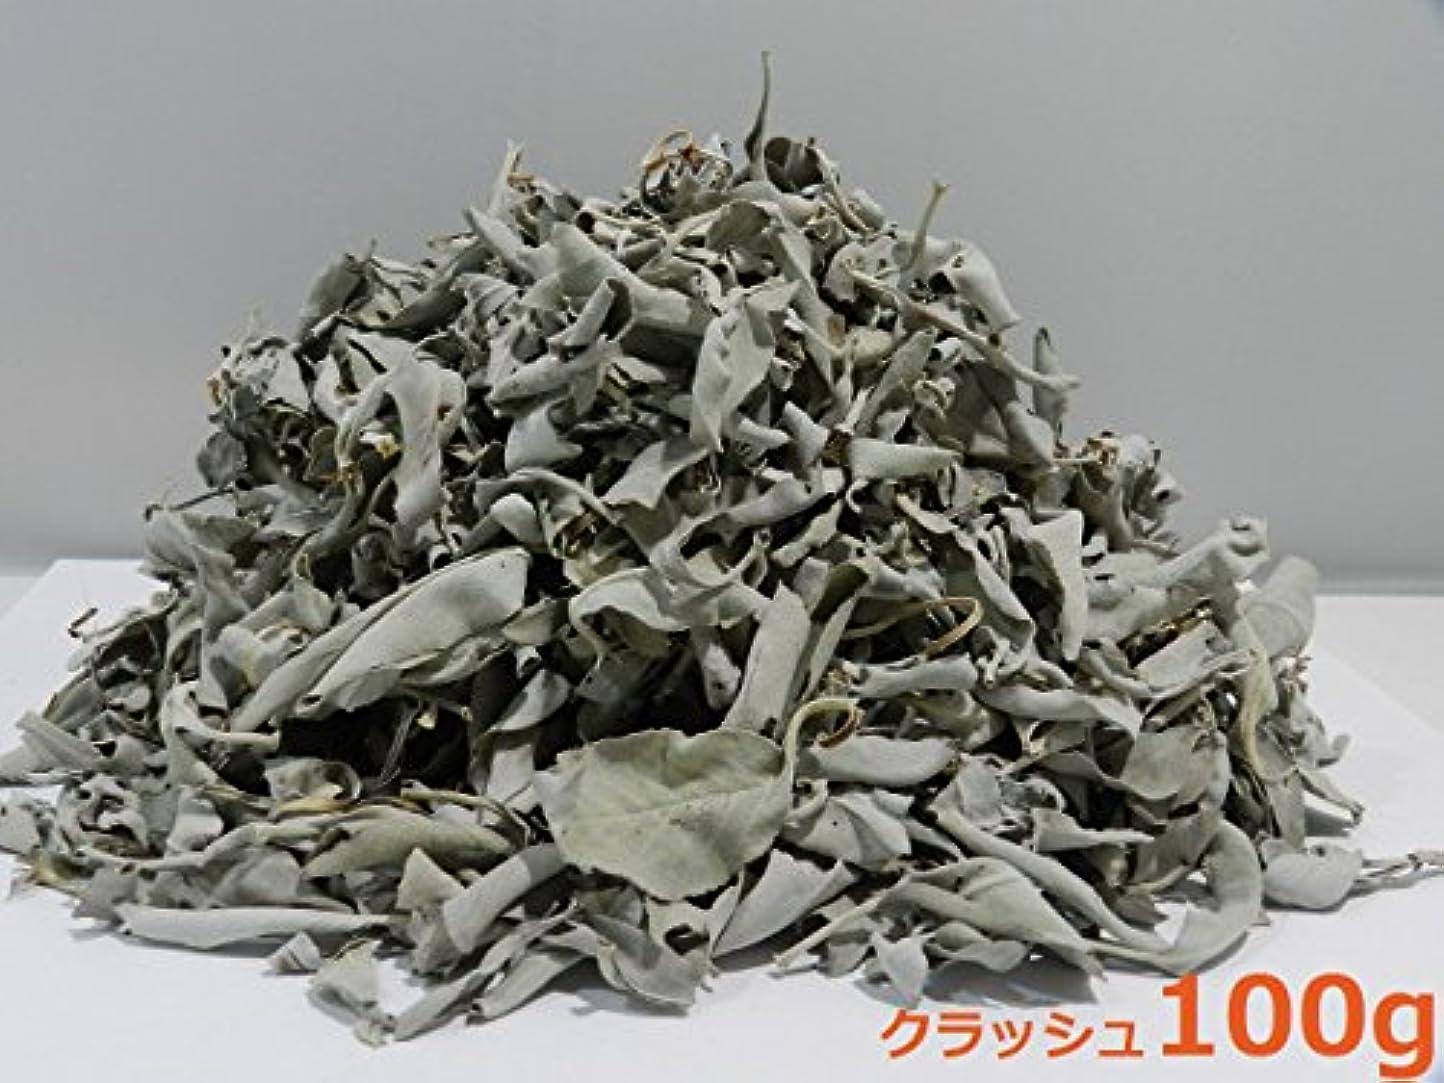 平和なピース裏切り者カリフォルニア産 浄化用 ホワイトセージ /White Sage クラッシュ 100g☆海外輸入品